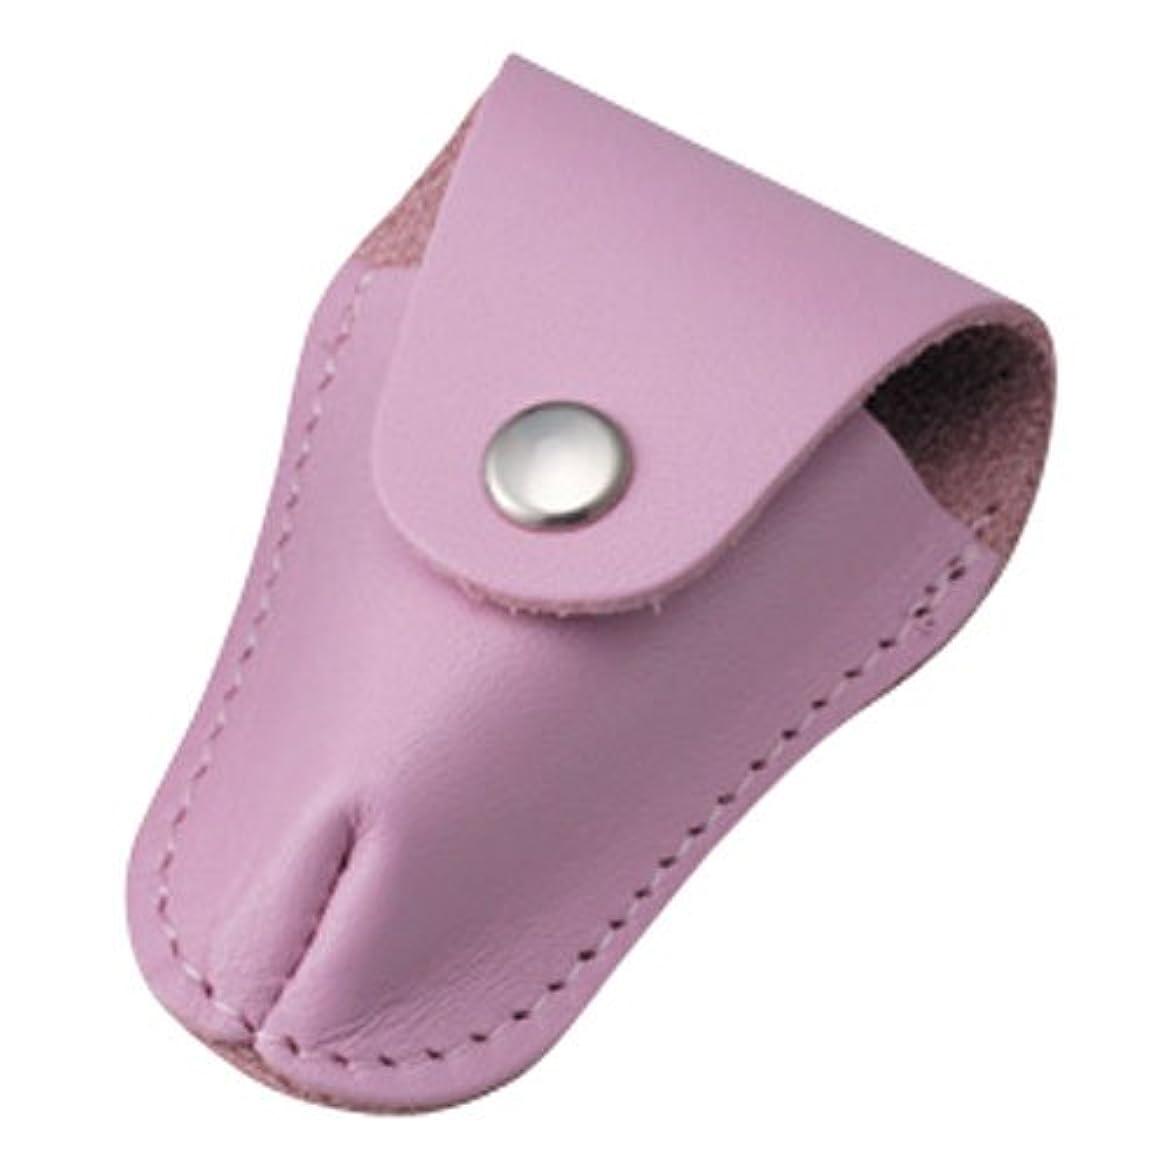 量で取り付け適応的内海 ニッパーキャップL ピンク